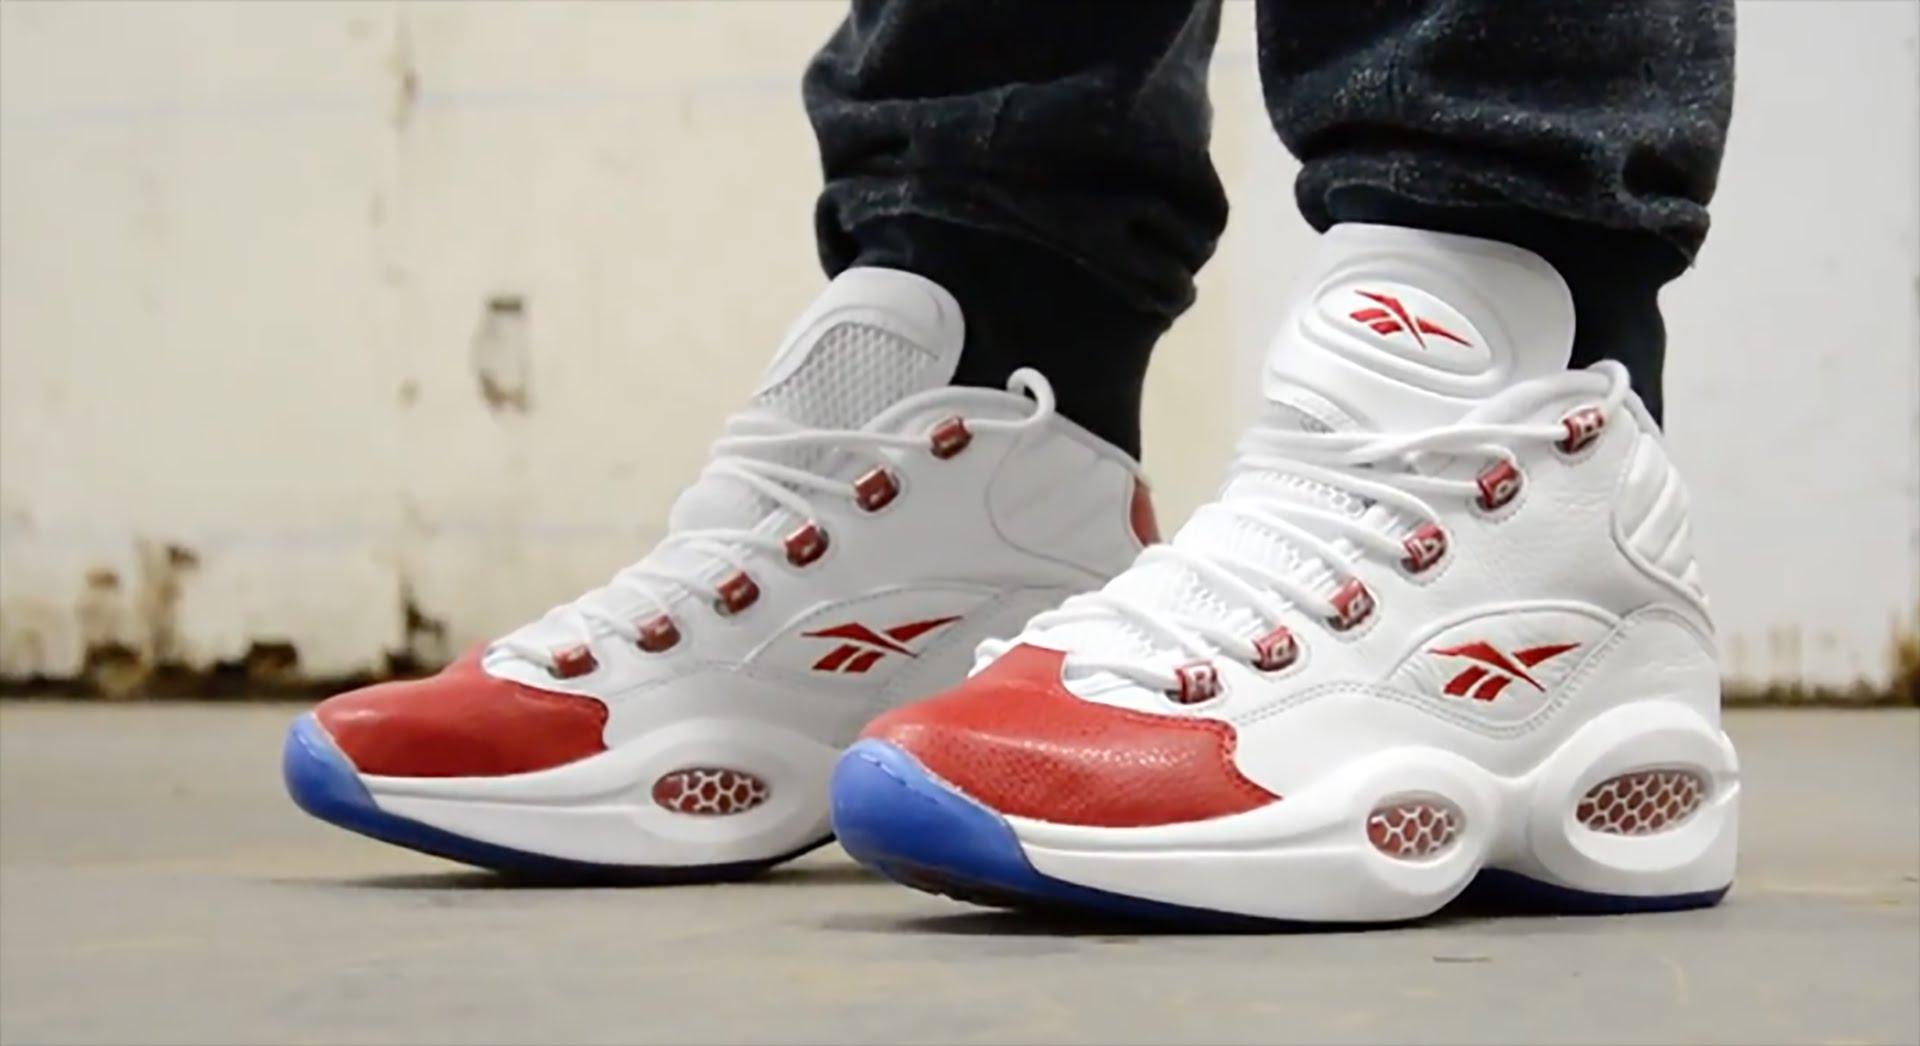 giày bóng rổ-reebok